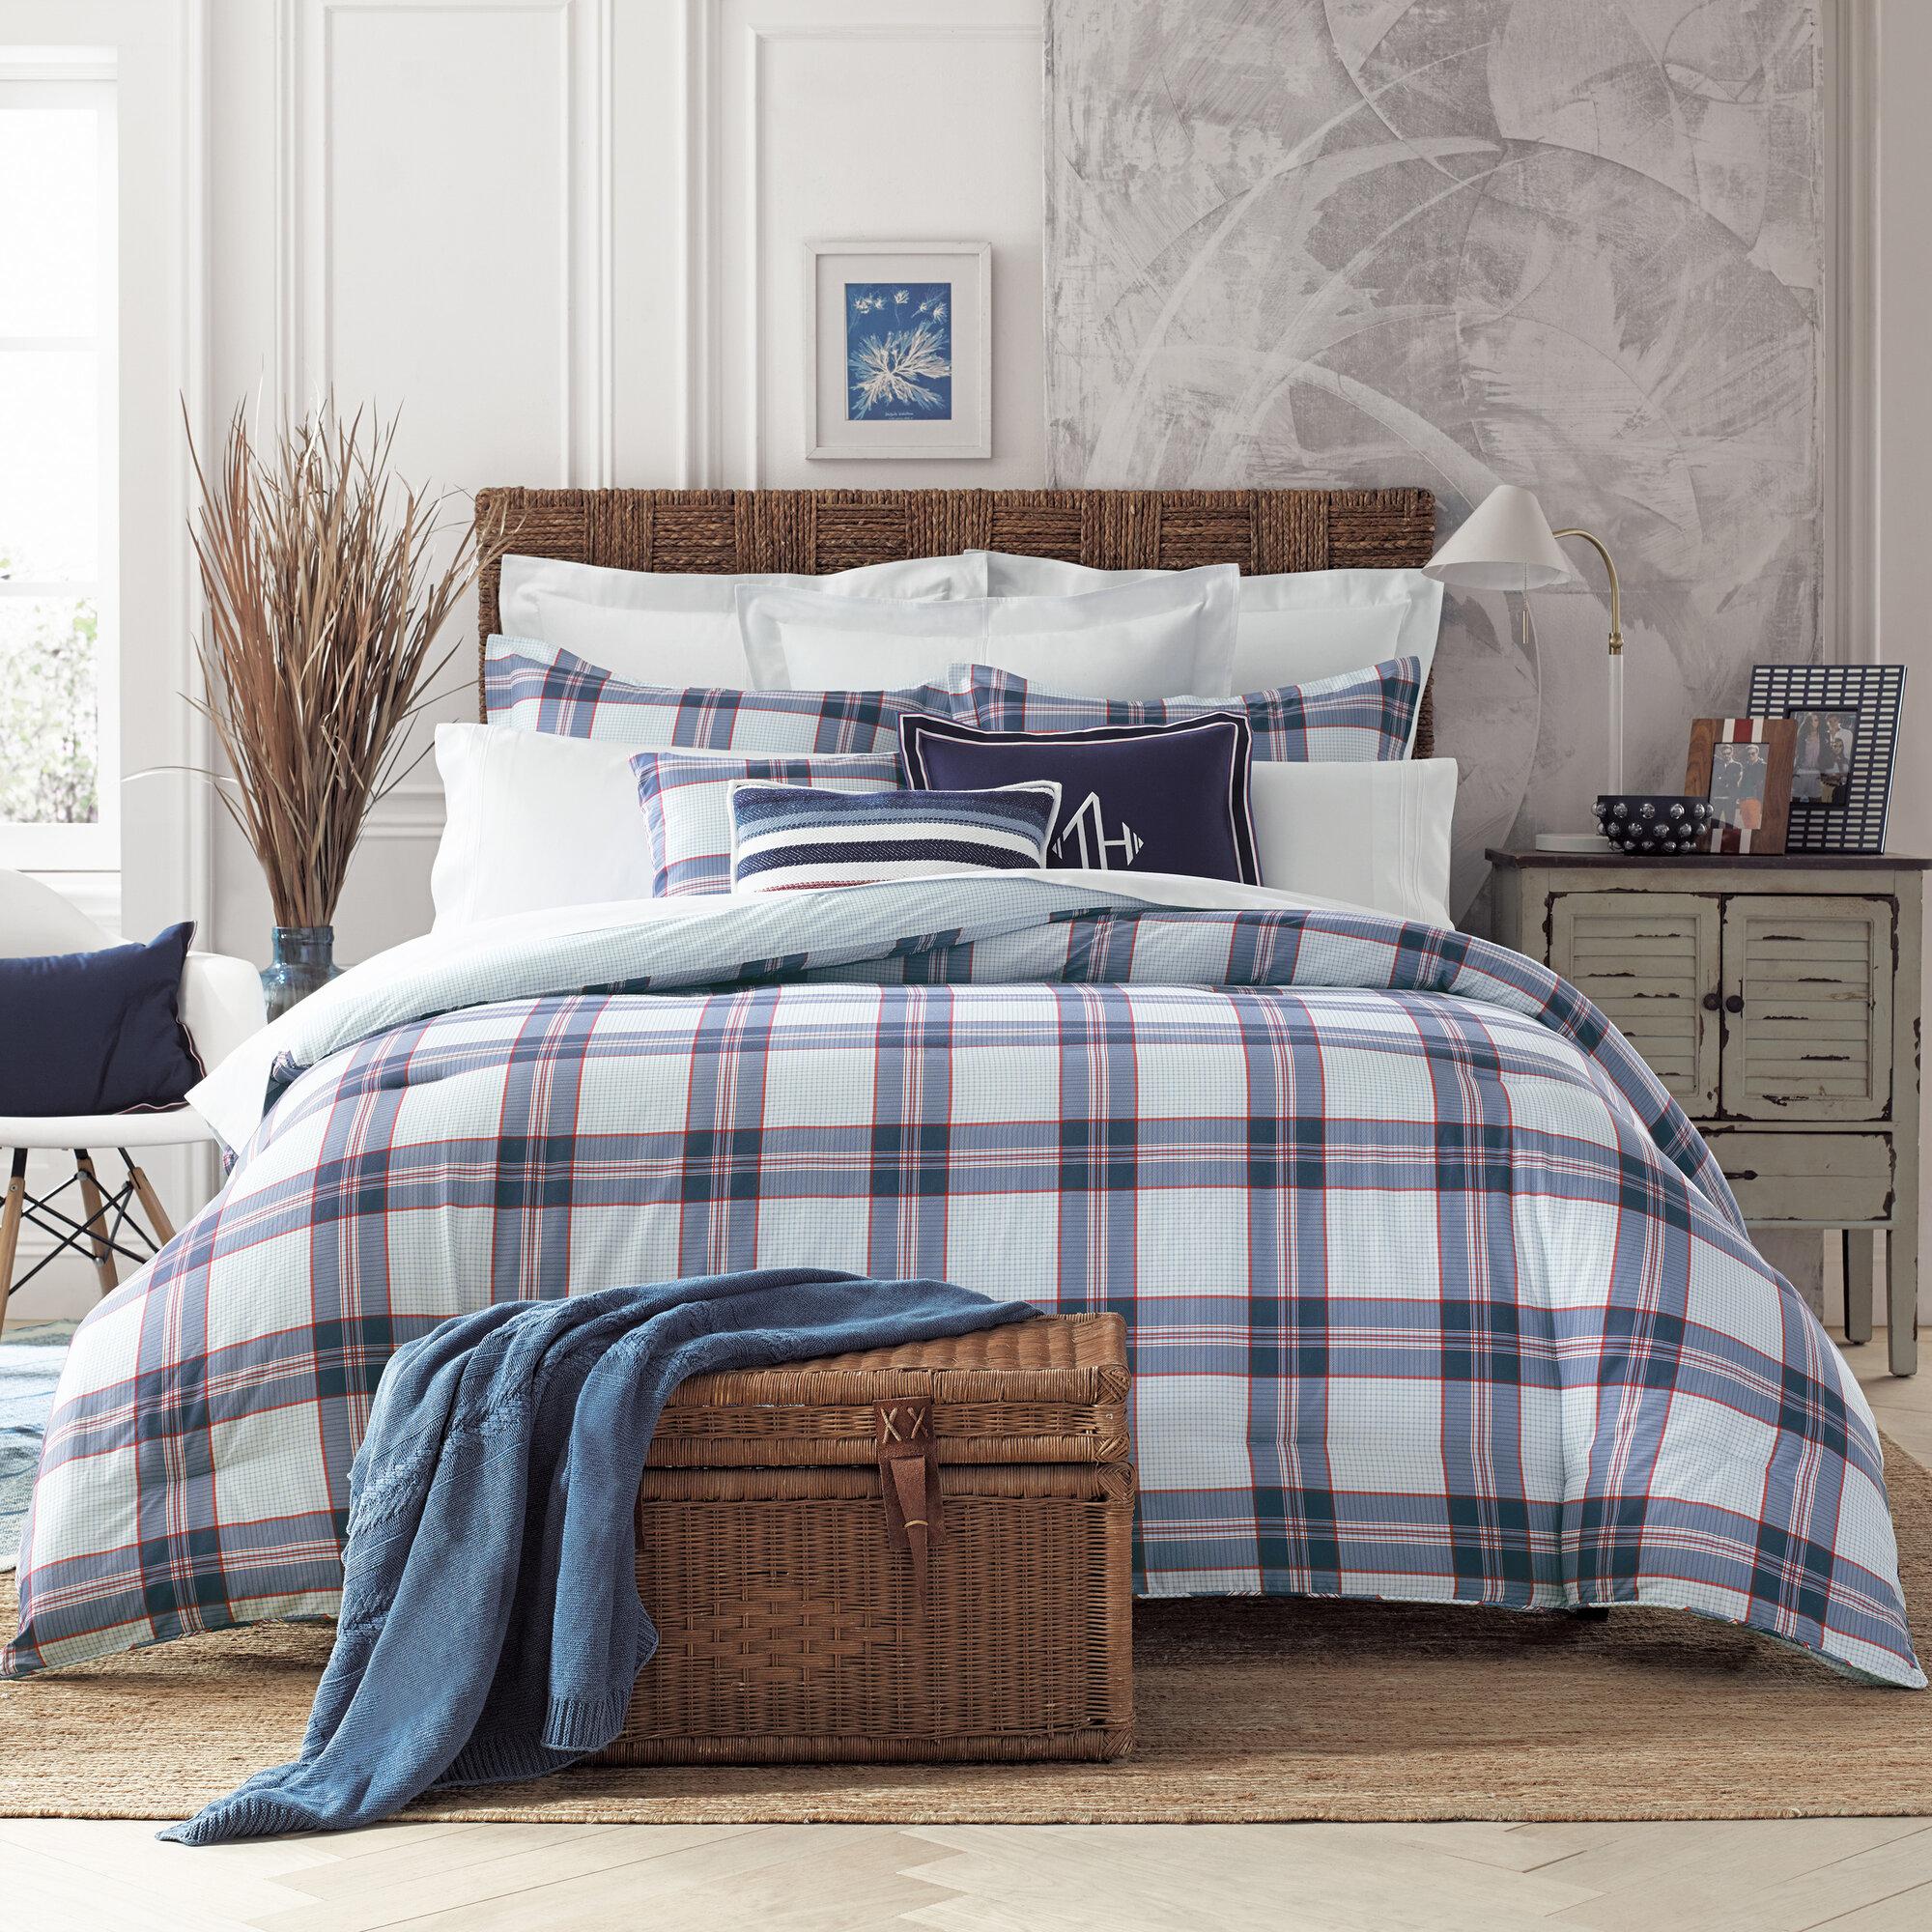 Tommy Hilfiger Surf Plaid Comforter Set Ebay